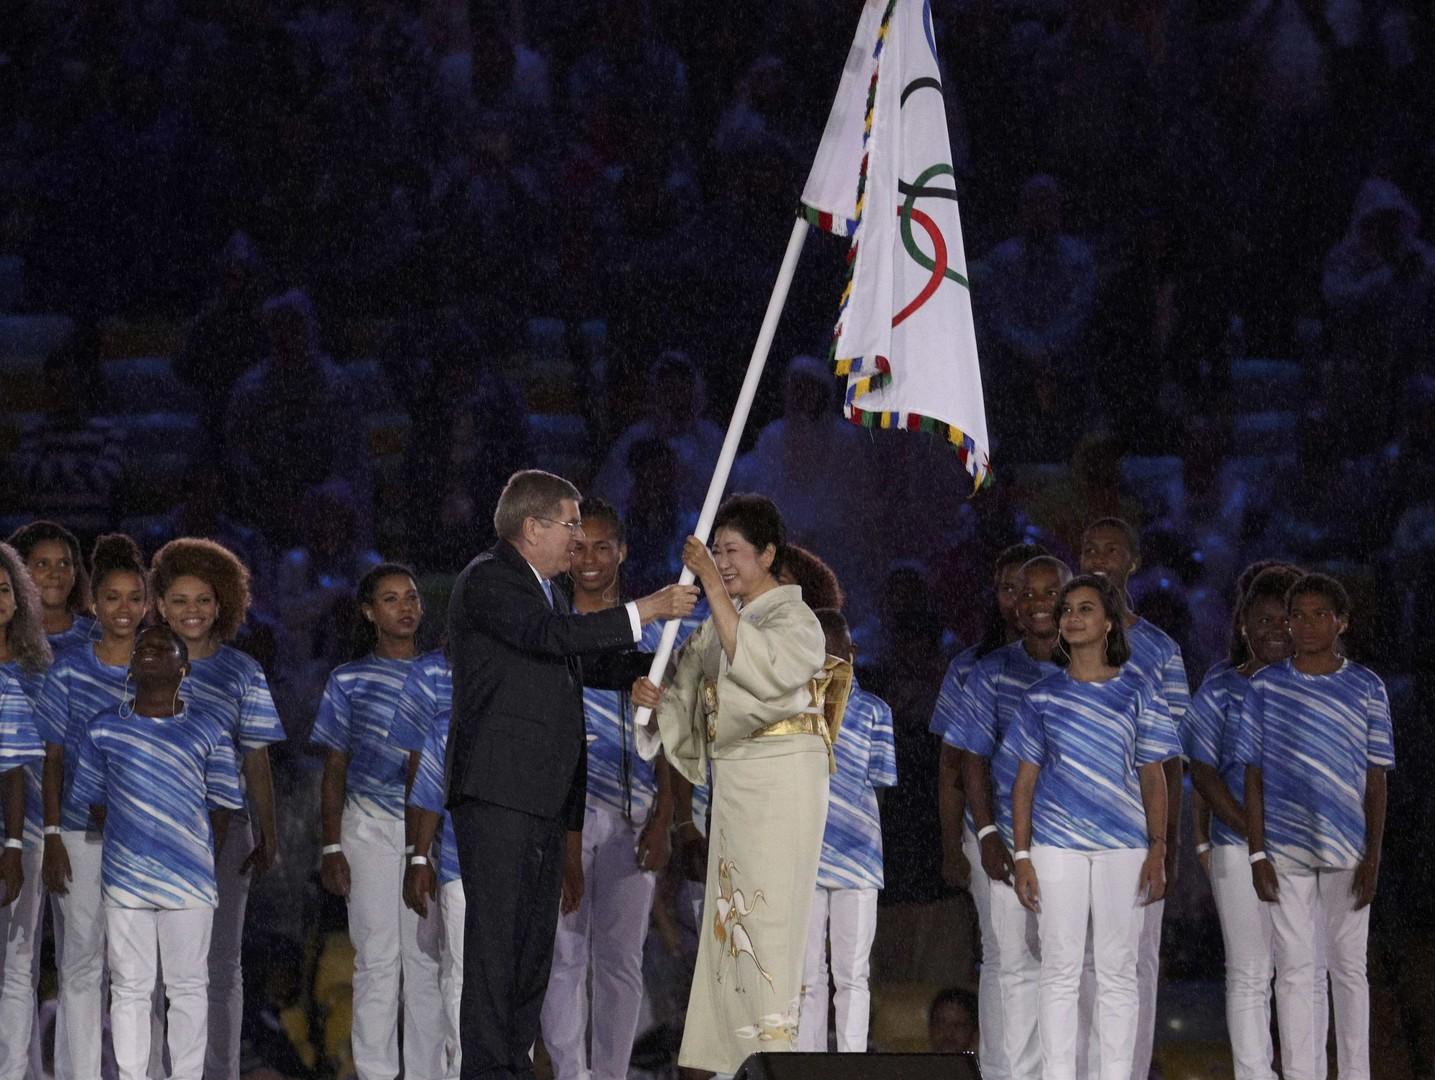 حفل ختام اولمبياد ريو 2016